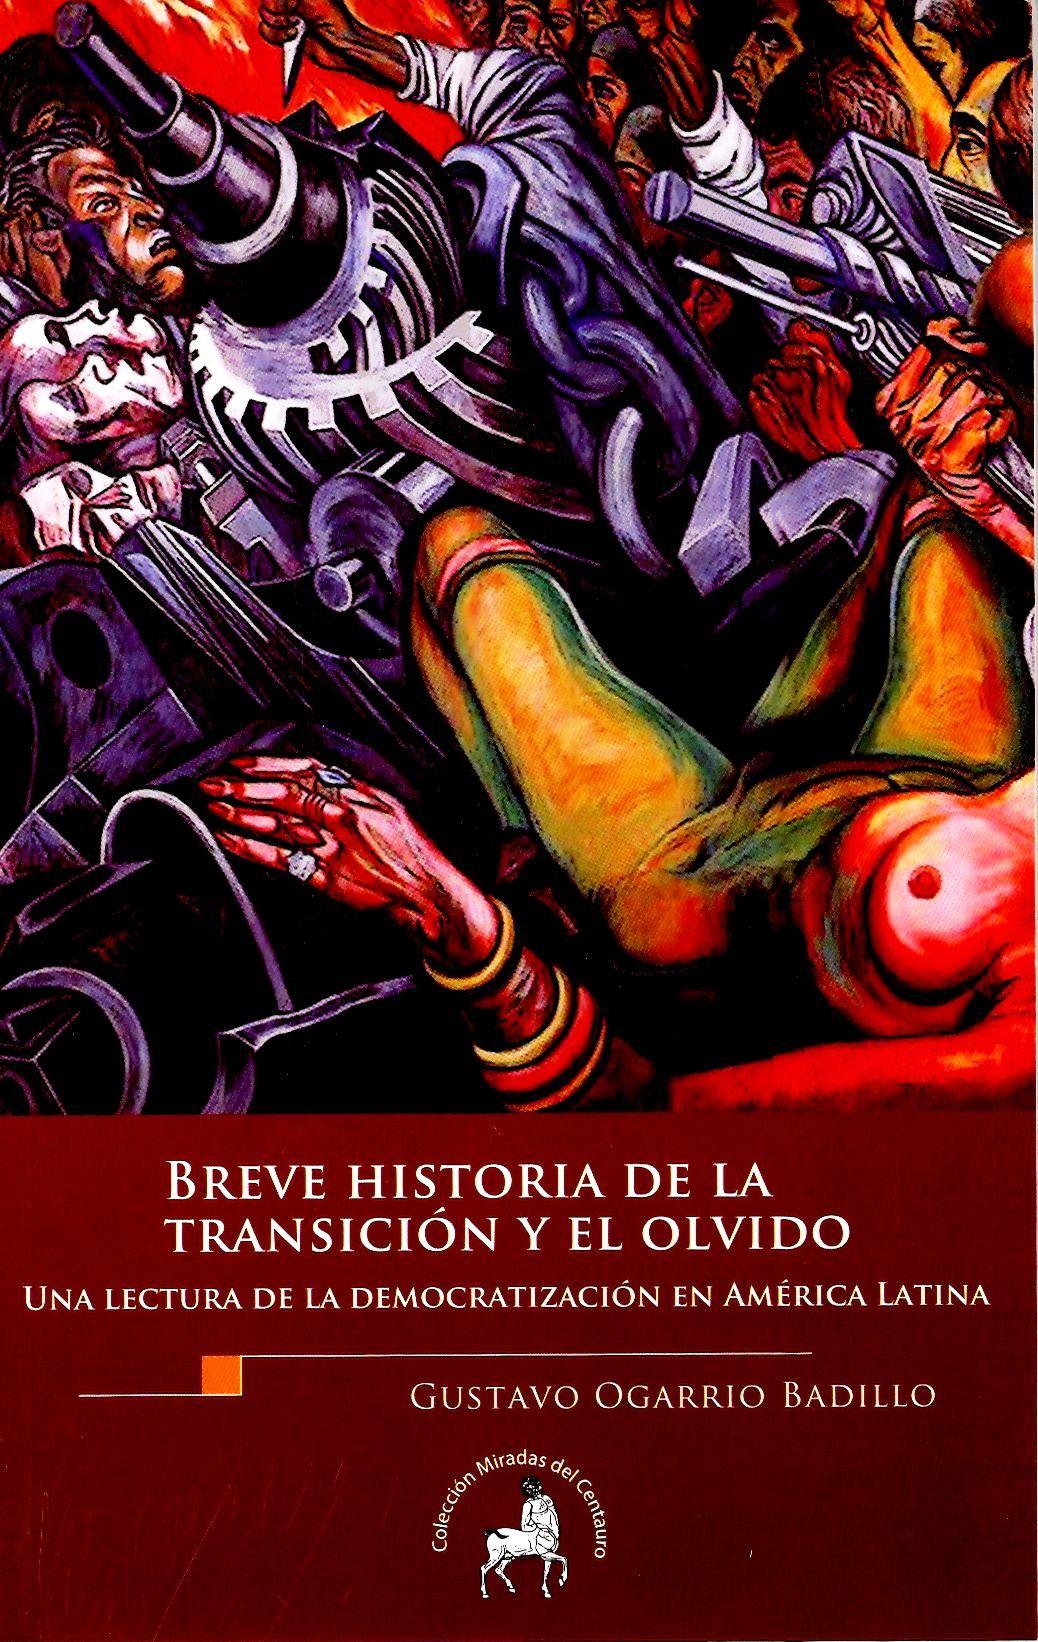 Breve historia de la transición y el olvido. Una lectura de la democratización en América Latina